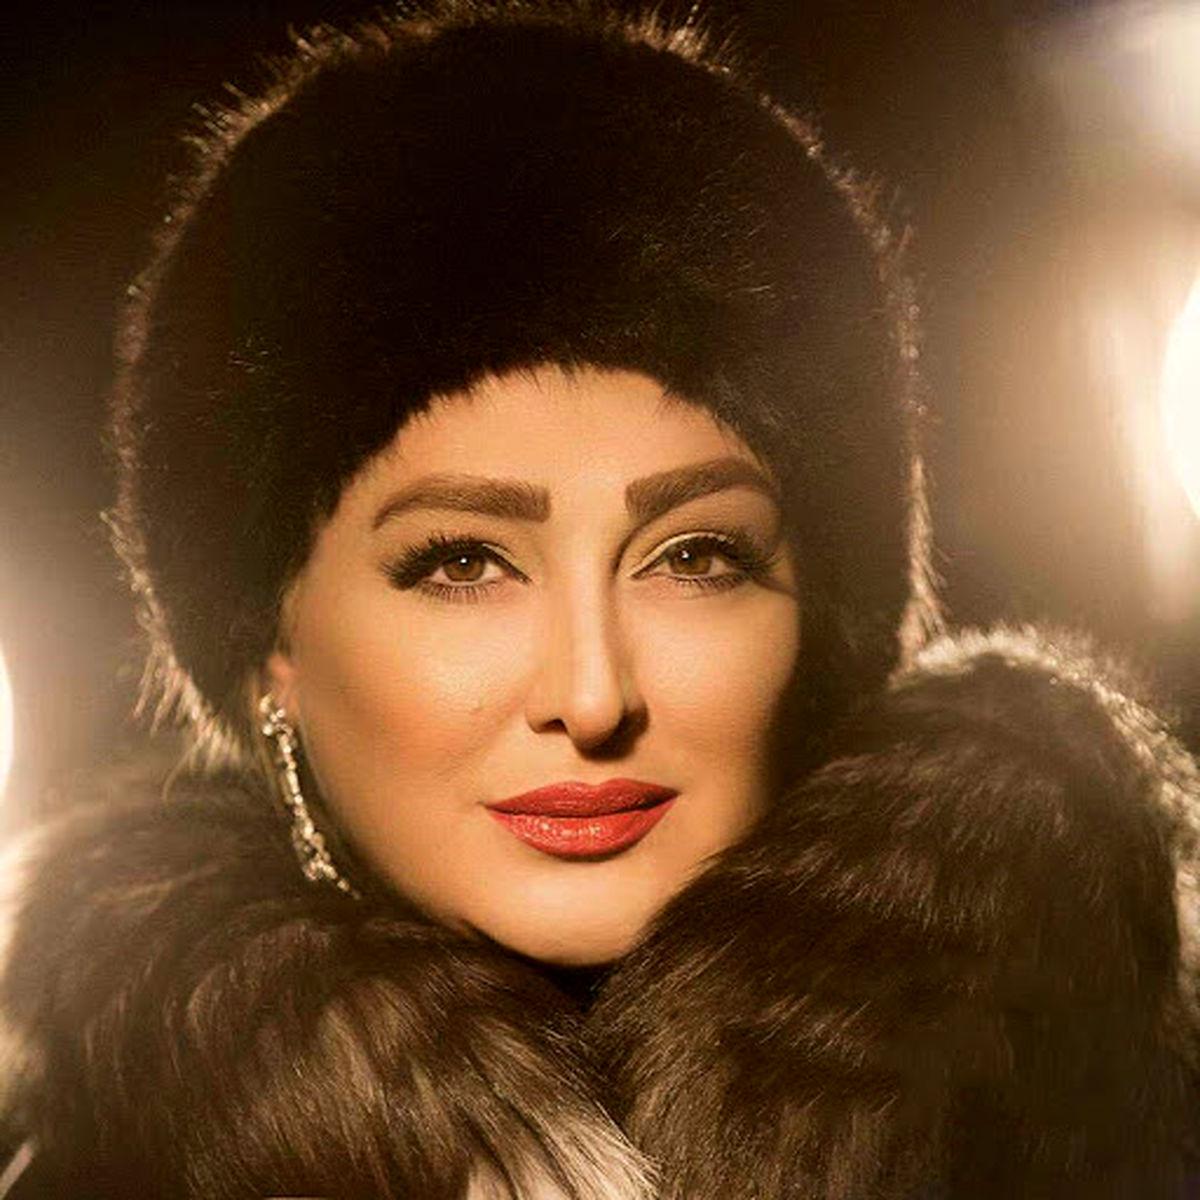 رقص همسر الهام حمیدی اینستاگرام را منفجر کرد + فیلم